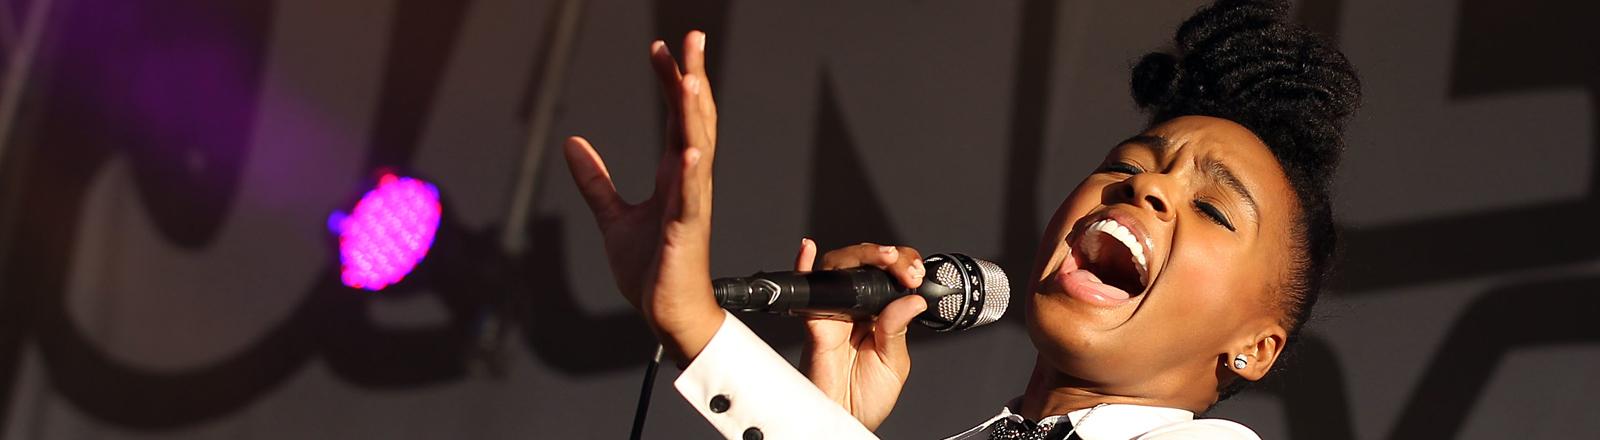 Die Soulsängerin Janelle Monáe tritt am Mittwoch (22.06.2011) in Köln zum Auftakt der Musikmesse c/o pop mit ihrer Band auf. Das Kölner Musik-Event erkundet bei seiner achten Auflage neue Entwicklungen der Popmusik. Foto: Oliver Berg dpa/lnw